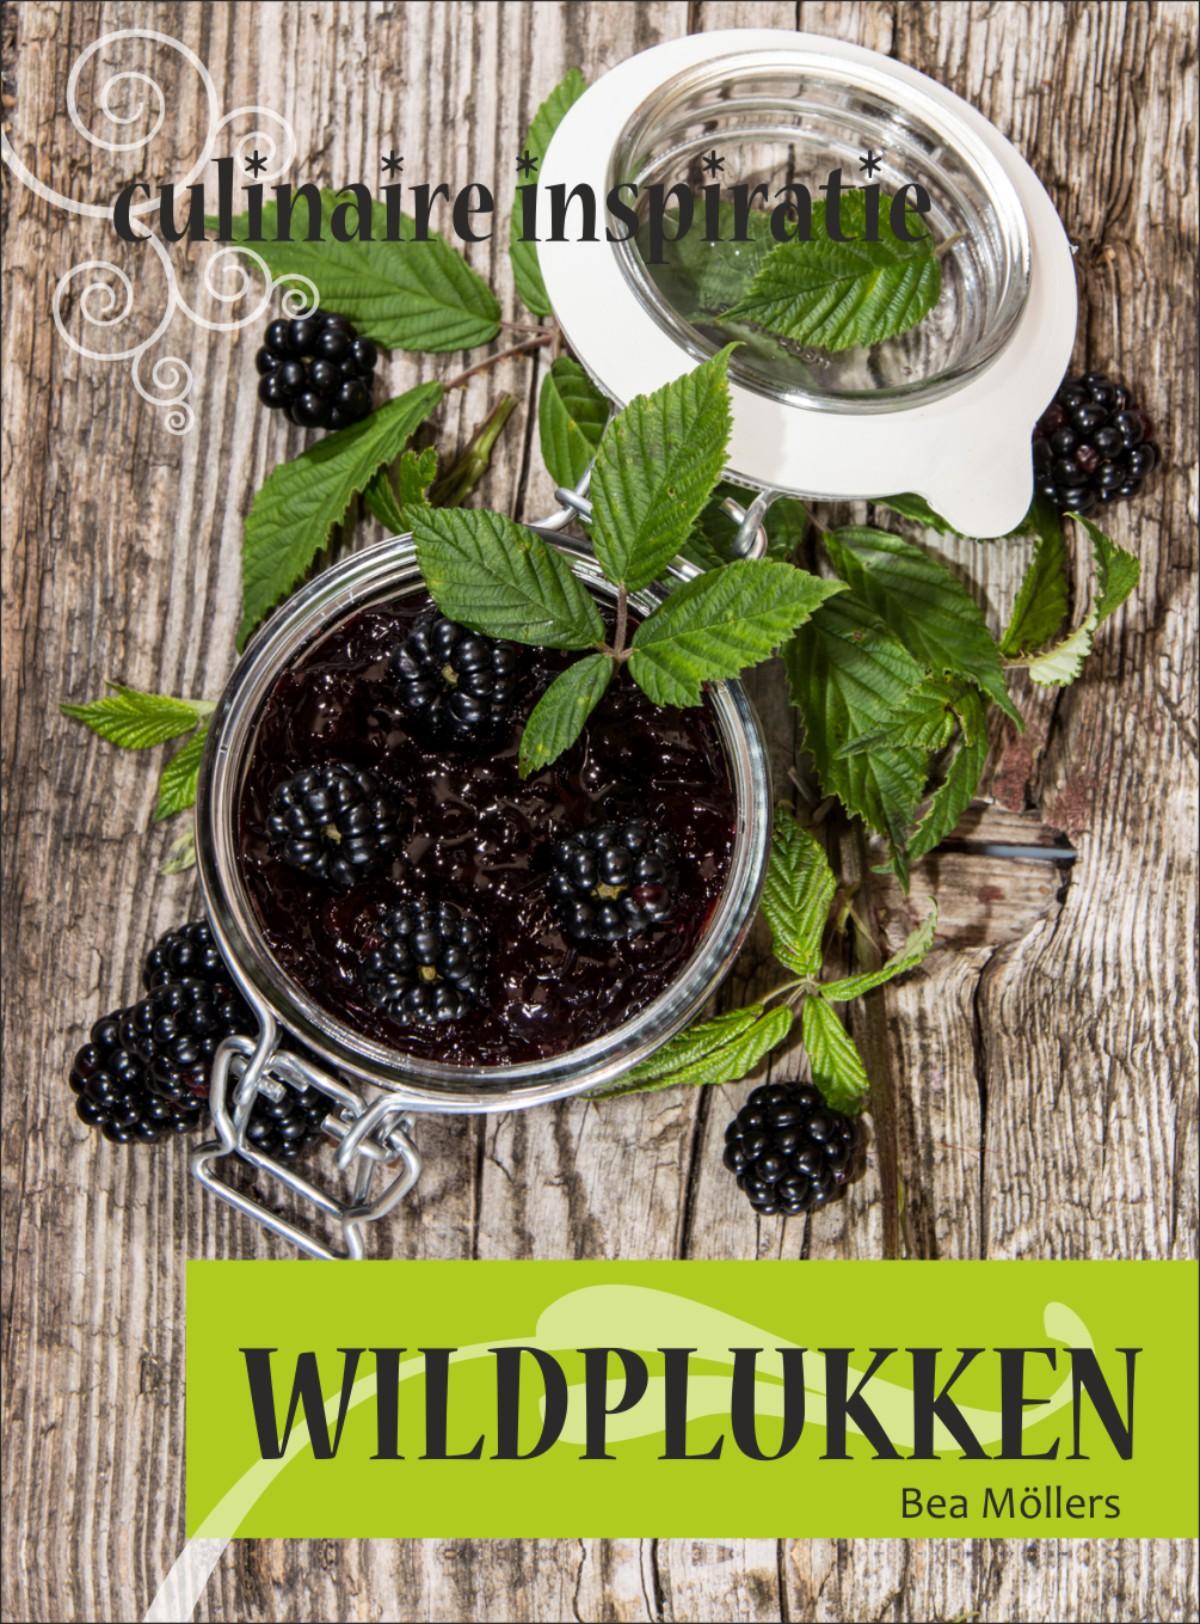 wildplukken-boek-hype